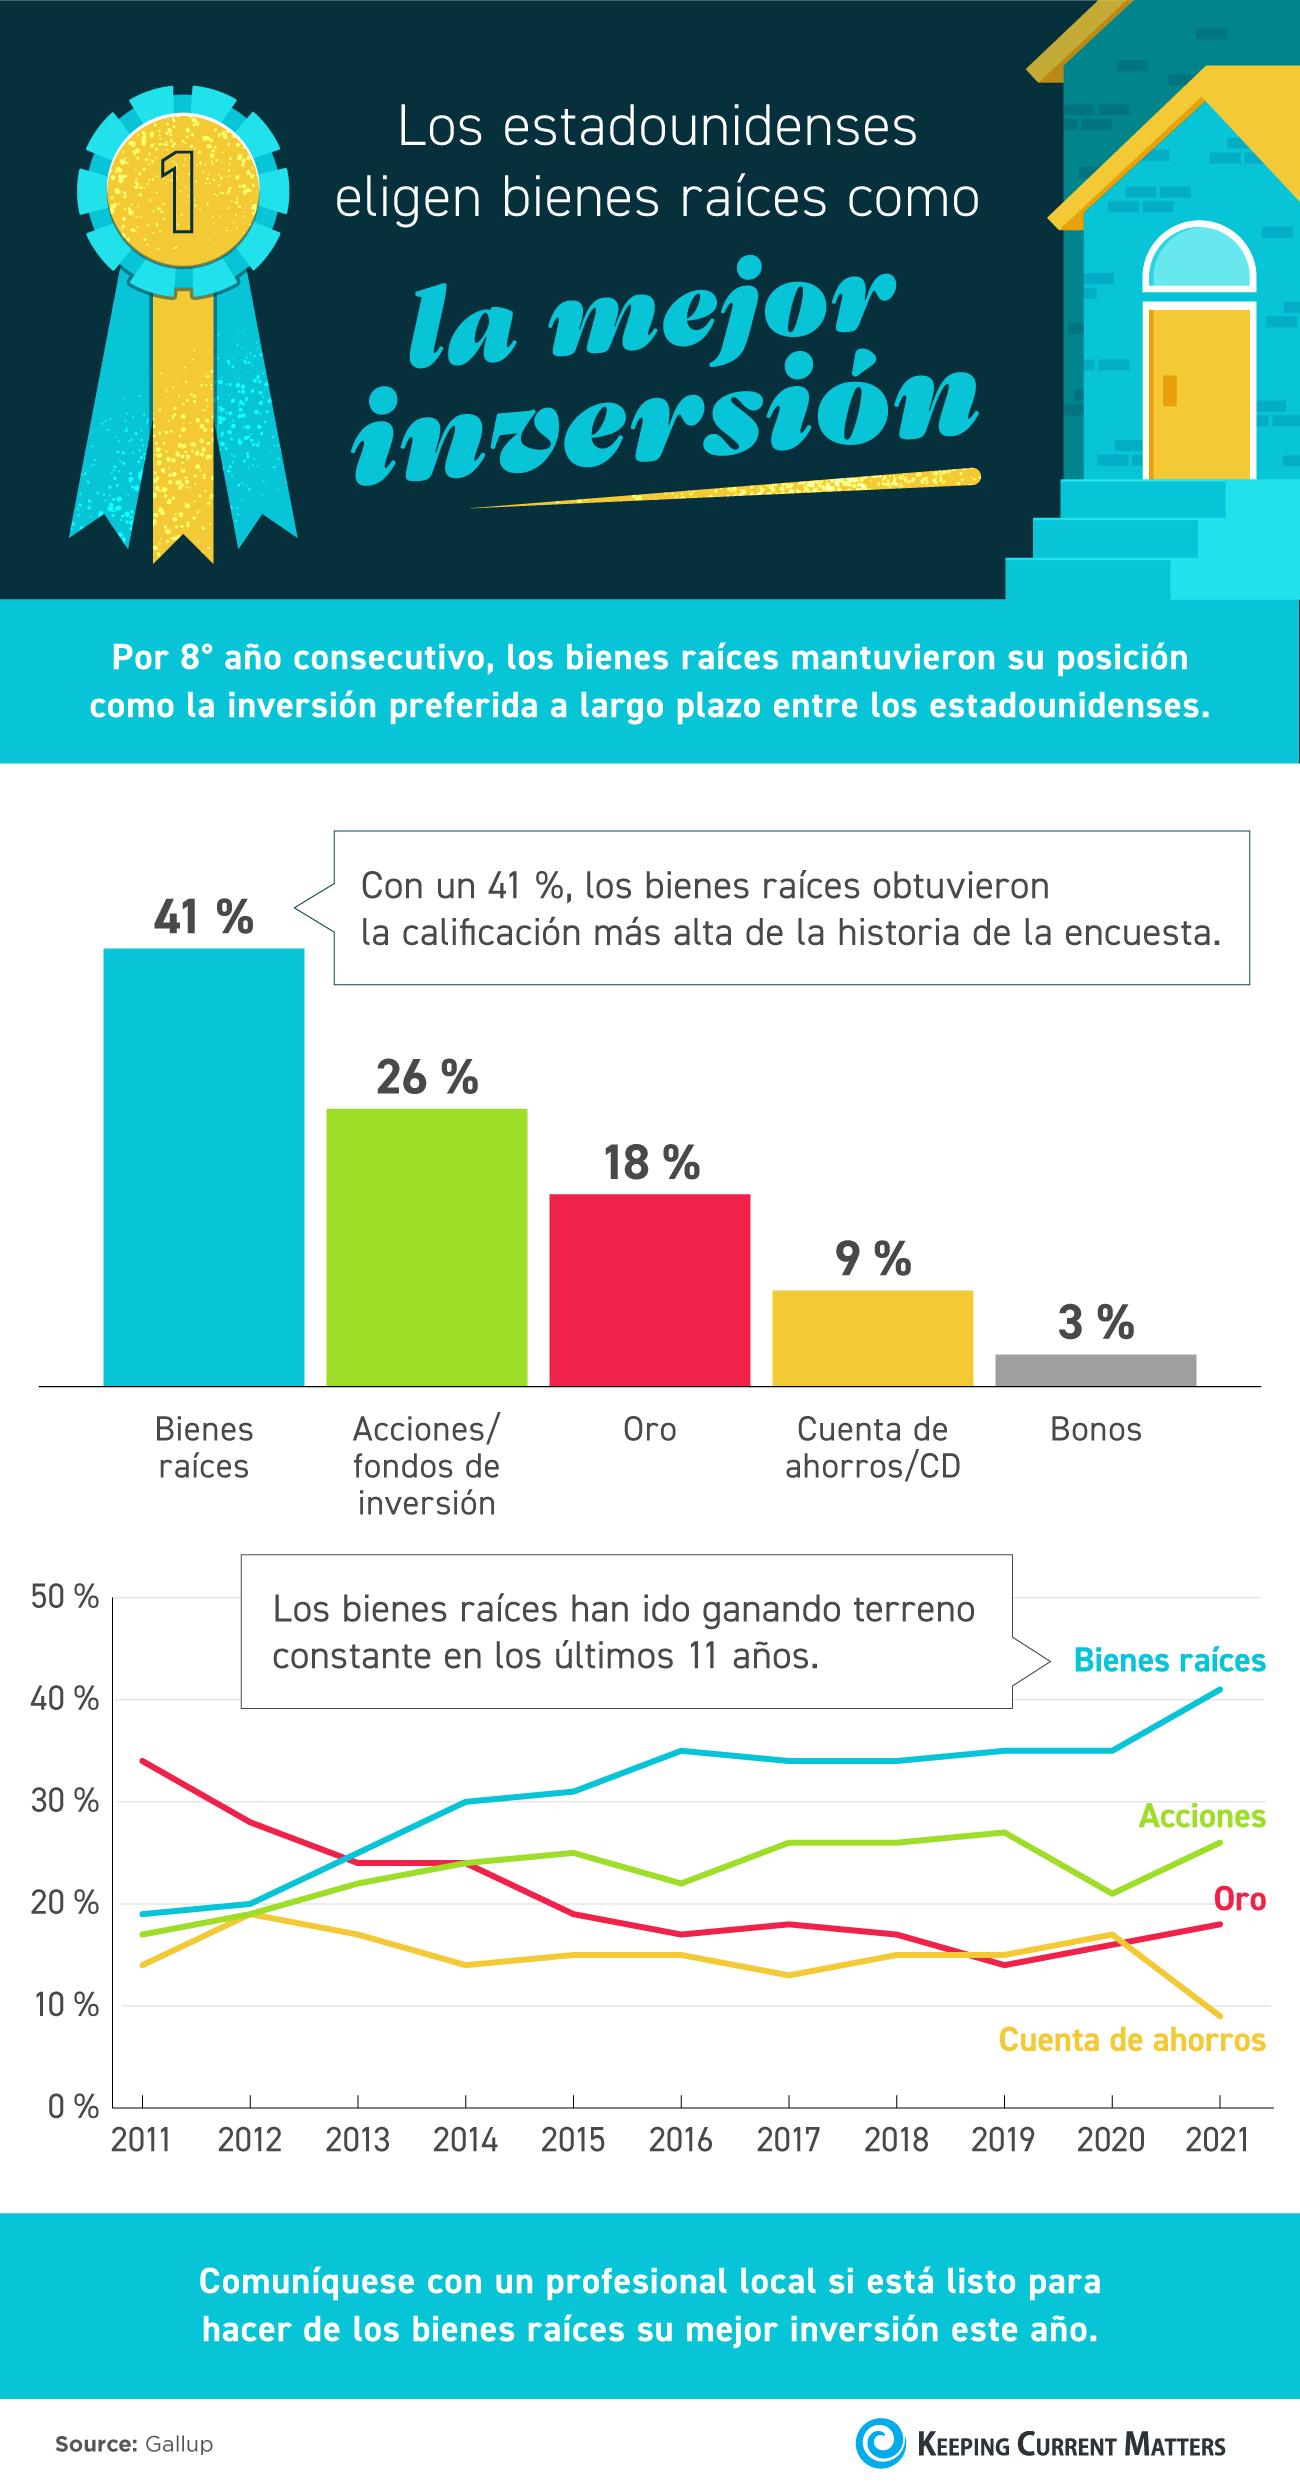 Los estadounidenses eligen bienes raíces como la mejor inversión [infografía] | Keeping Current Matters